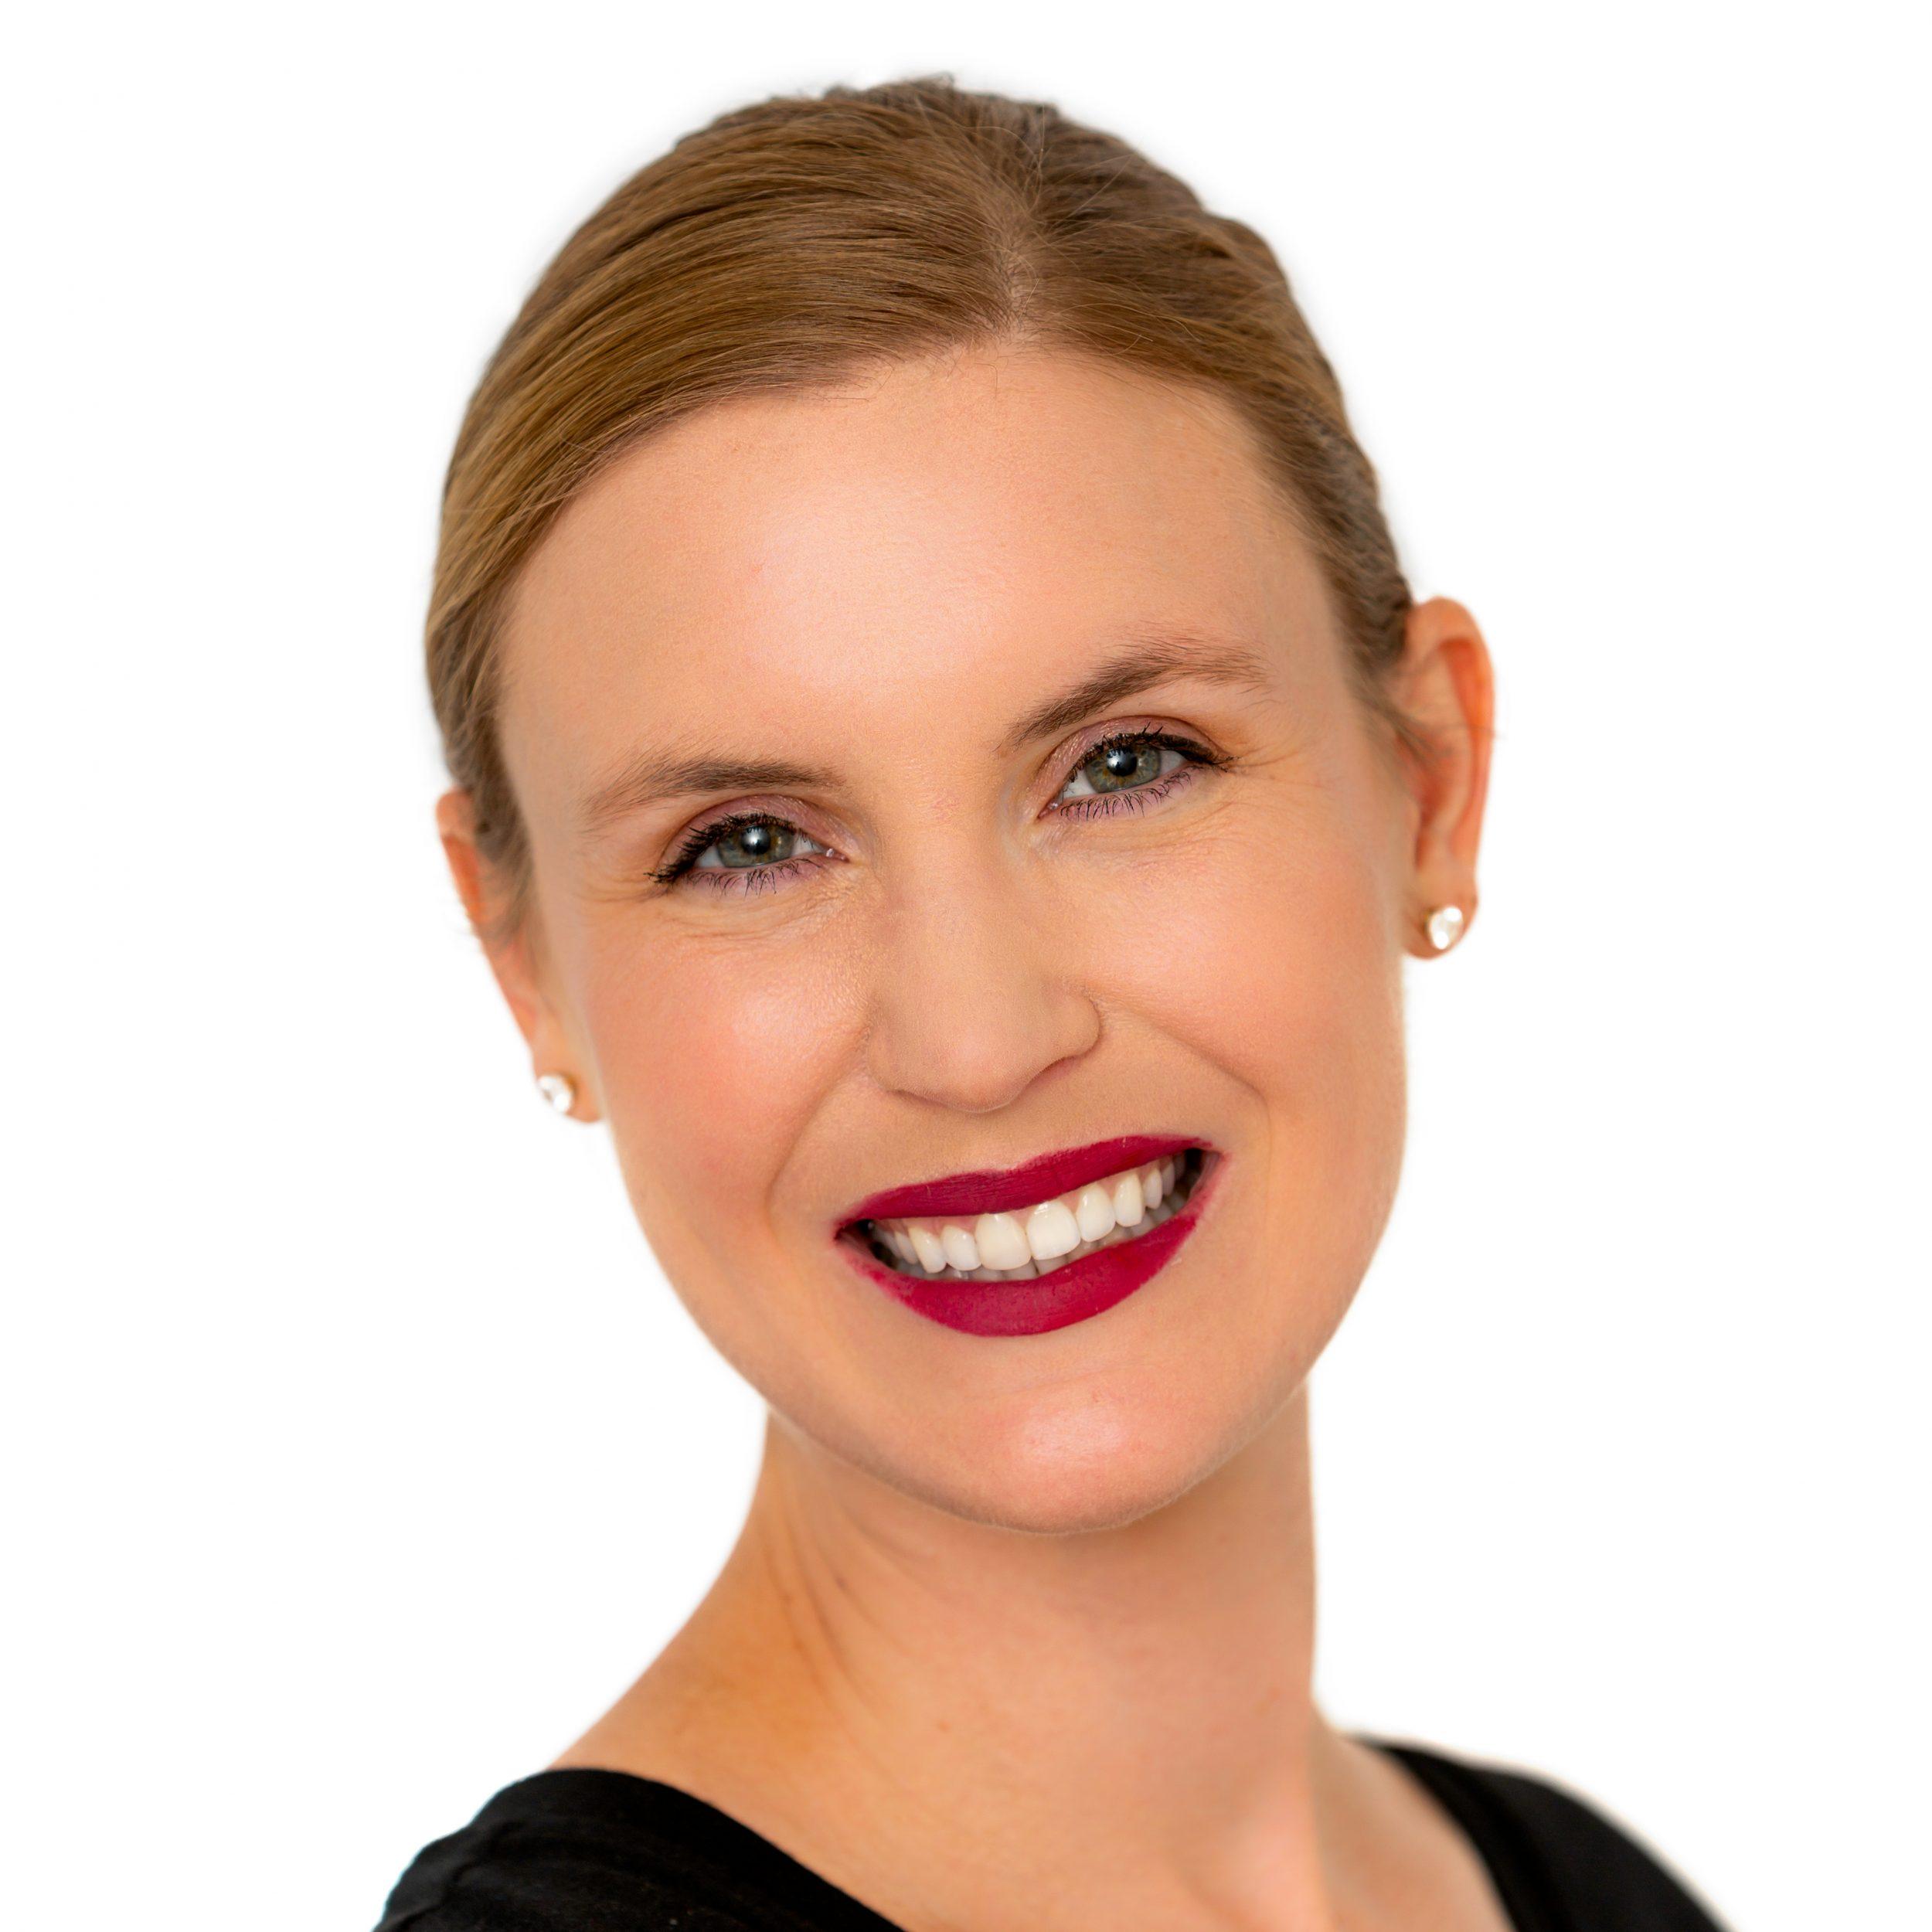 Amanda Melrose-Smith